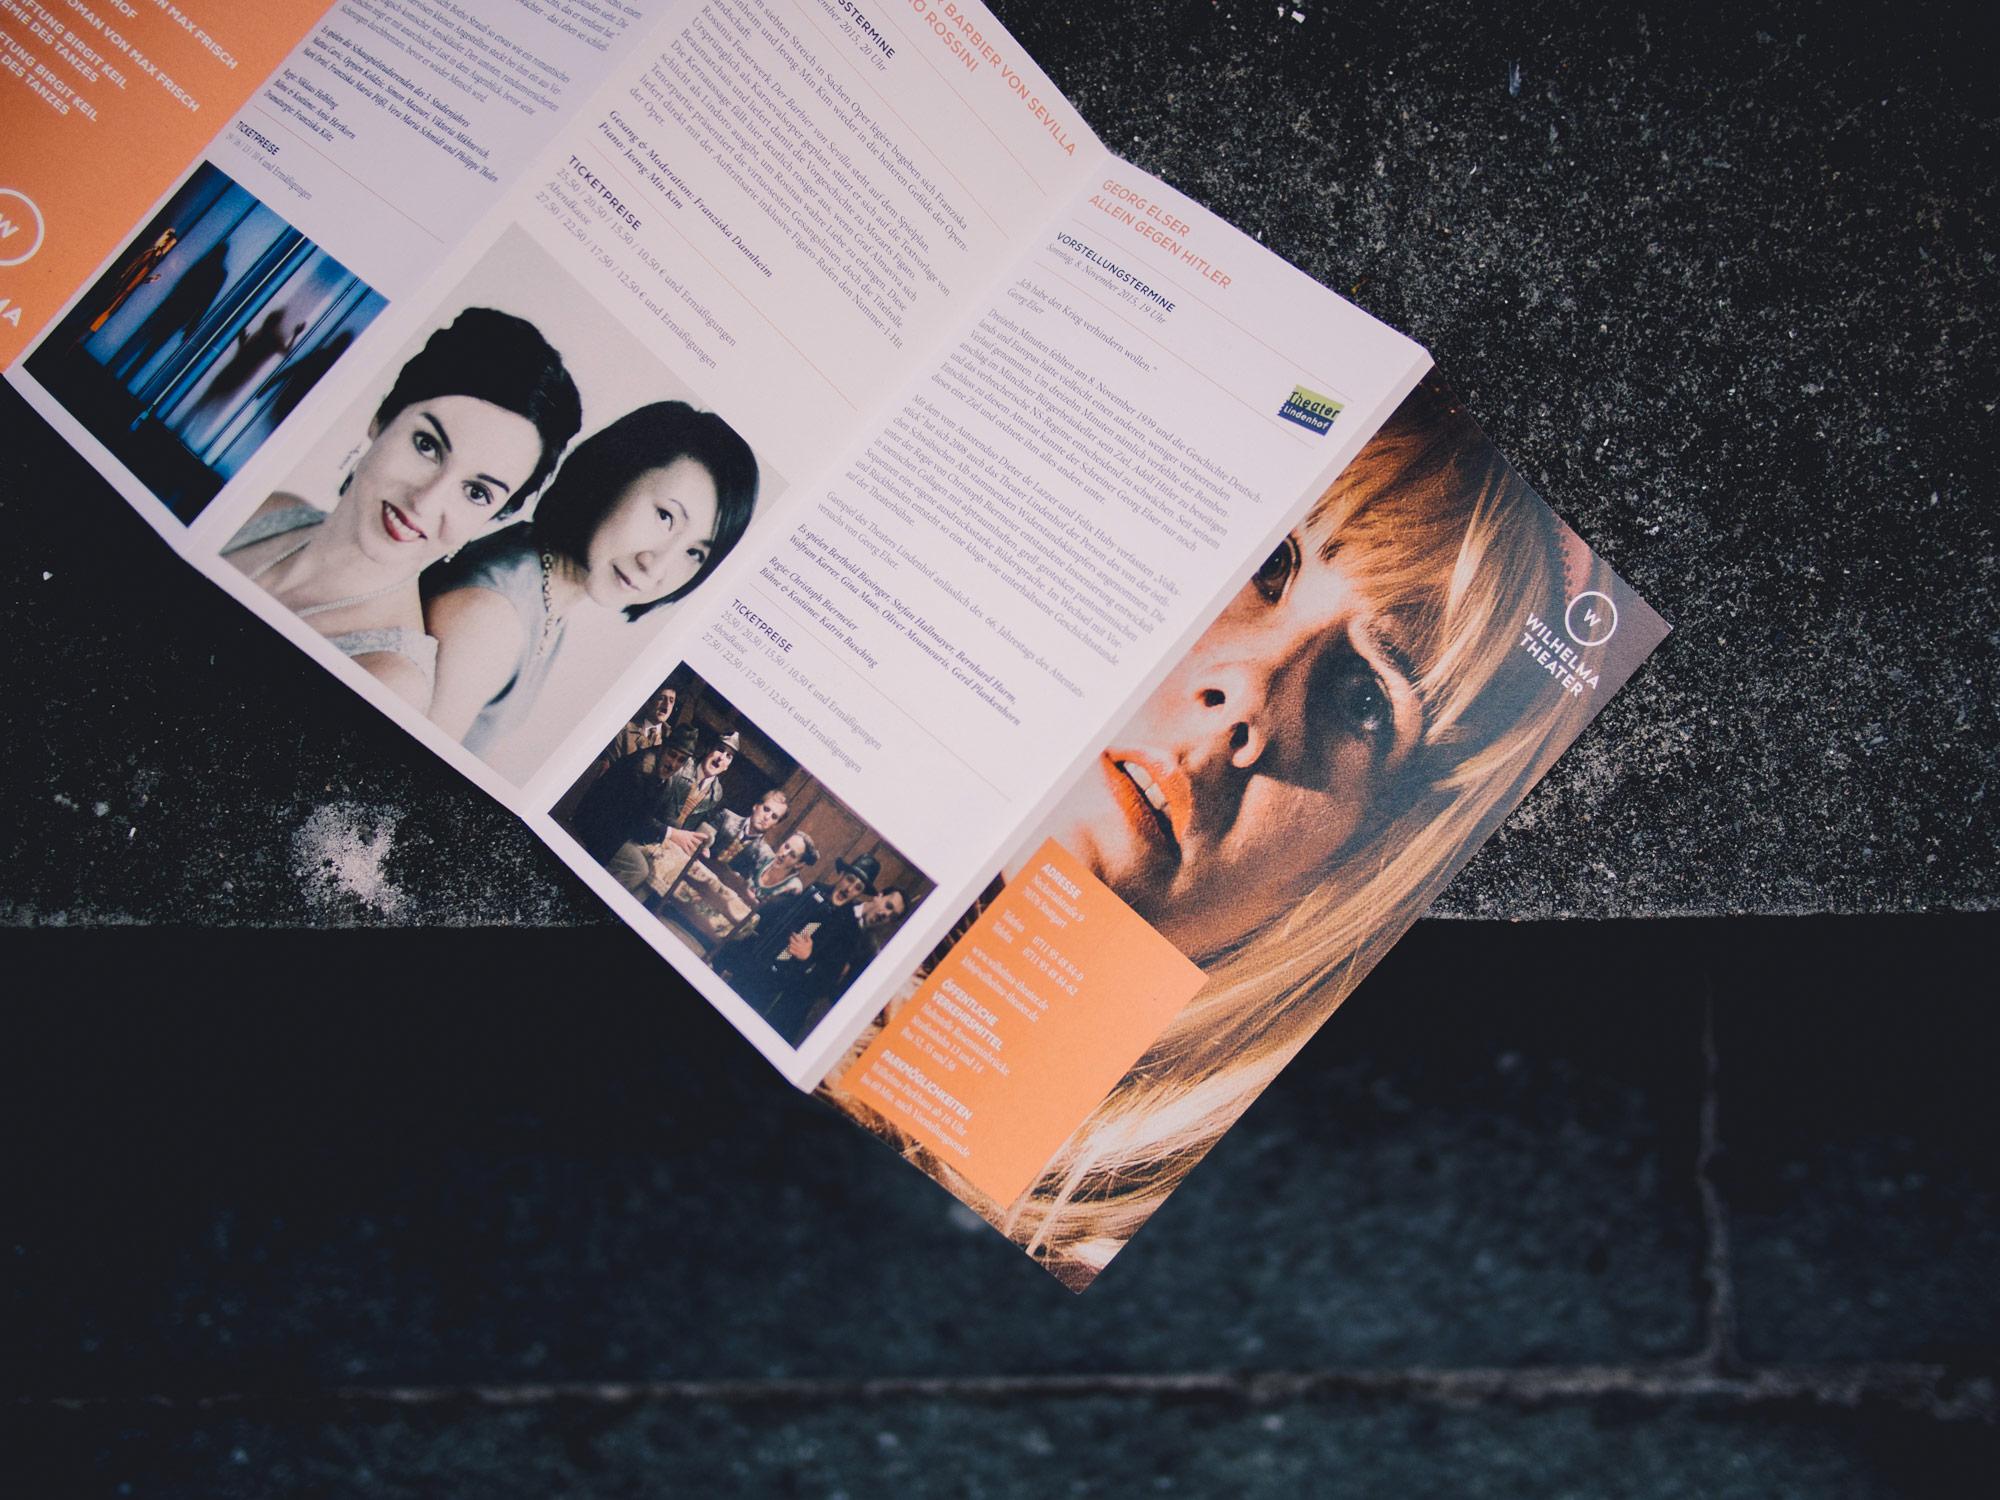 Man sieht den Umschlag und Innenseiten des Programmhefts des Wilhelma Theaters Stuttgart. Das Heft liegt auf einer Mauer, auf dem aufgeschlagenen Titel ist das Gesicht einer blonden Frau zu sehen. Das Design ist von MAJORMAJOR.